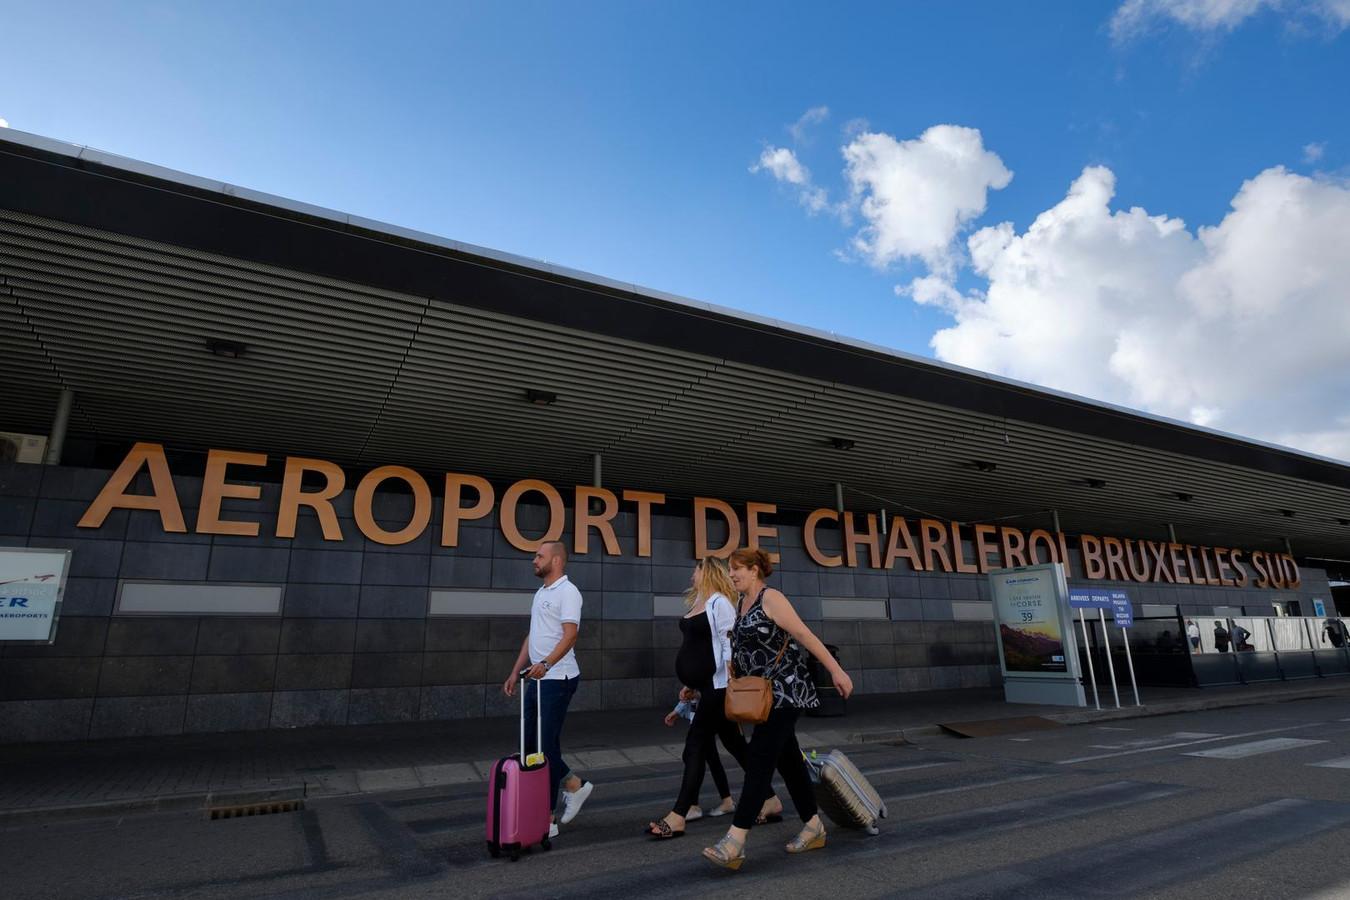 Le patient âgé d'une quarantaine d'années avait séjourné en Italie et il est rentré par avion en passant par l'aéroport de Charleroi